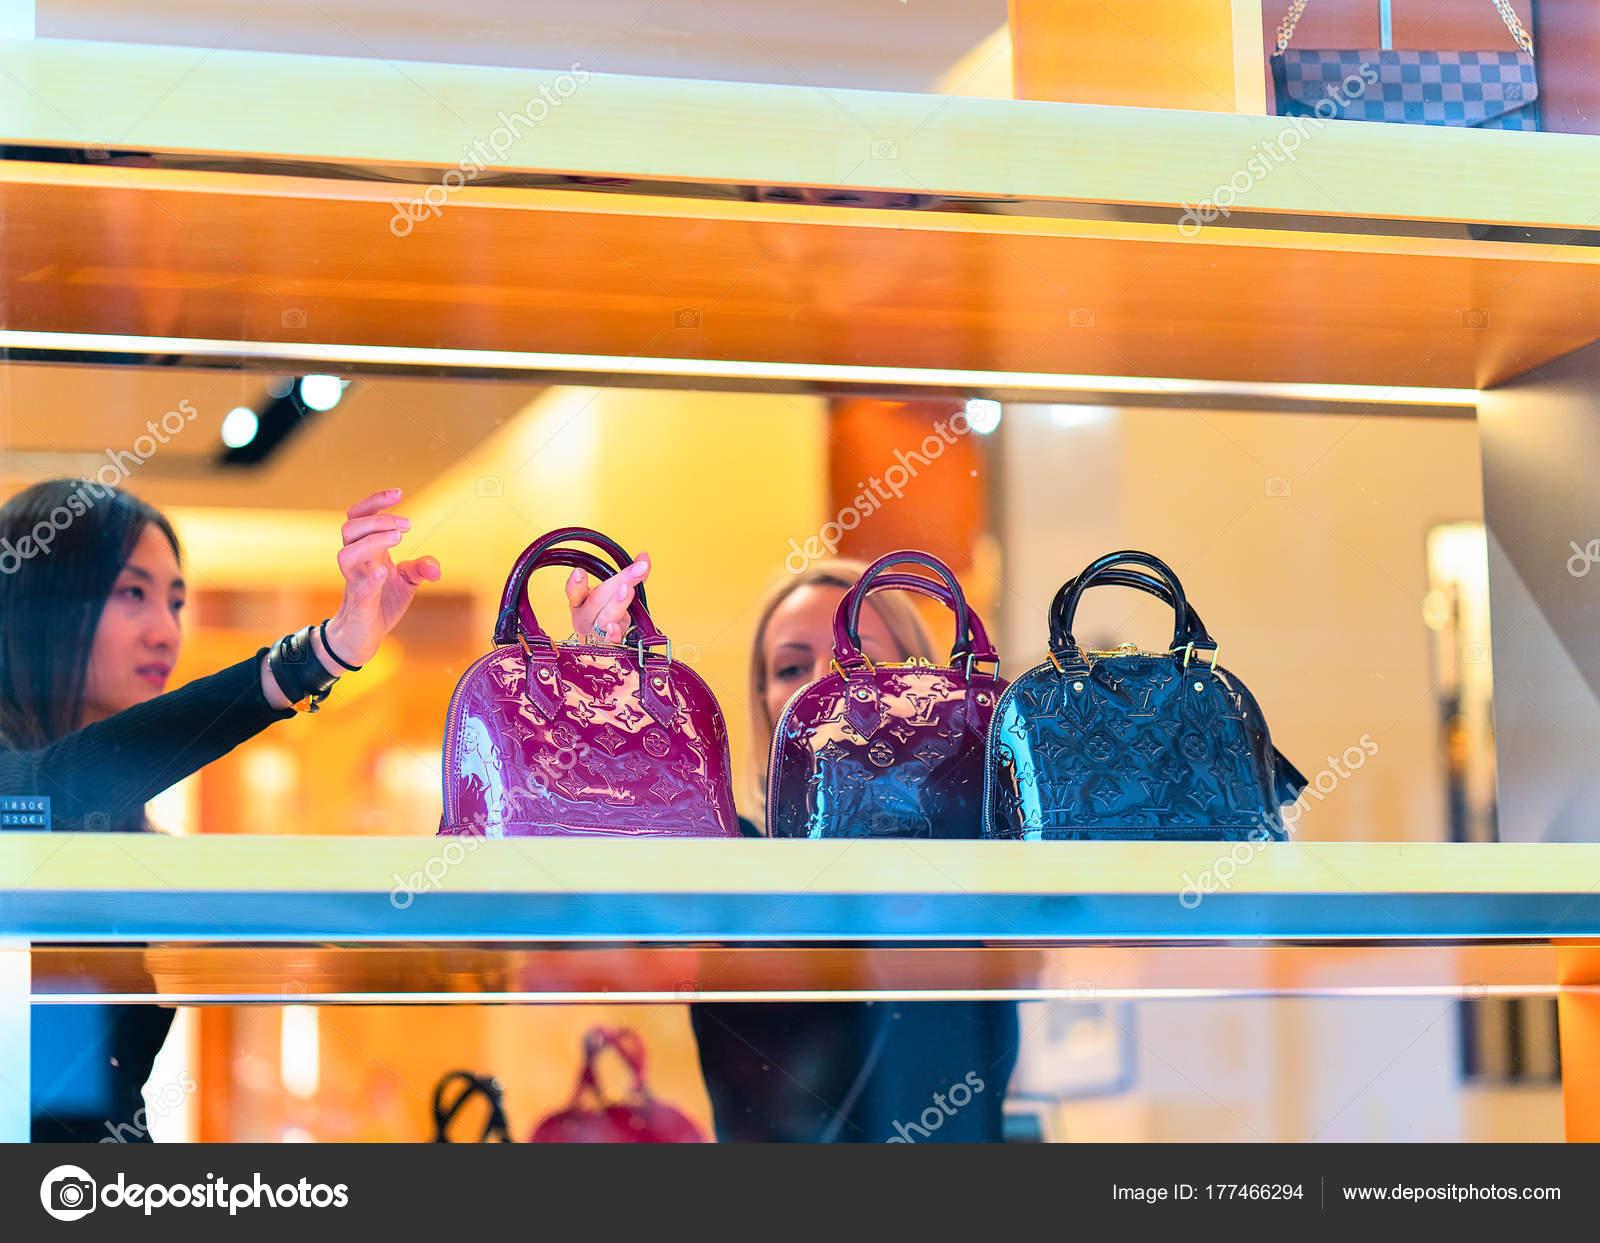 Donne che scelgono borse a mano nel negozio di louis vuitton a